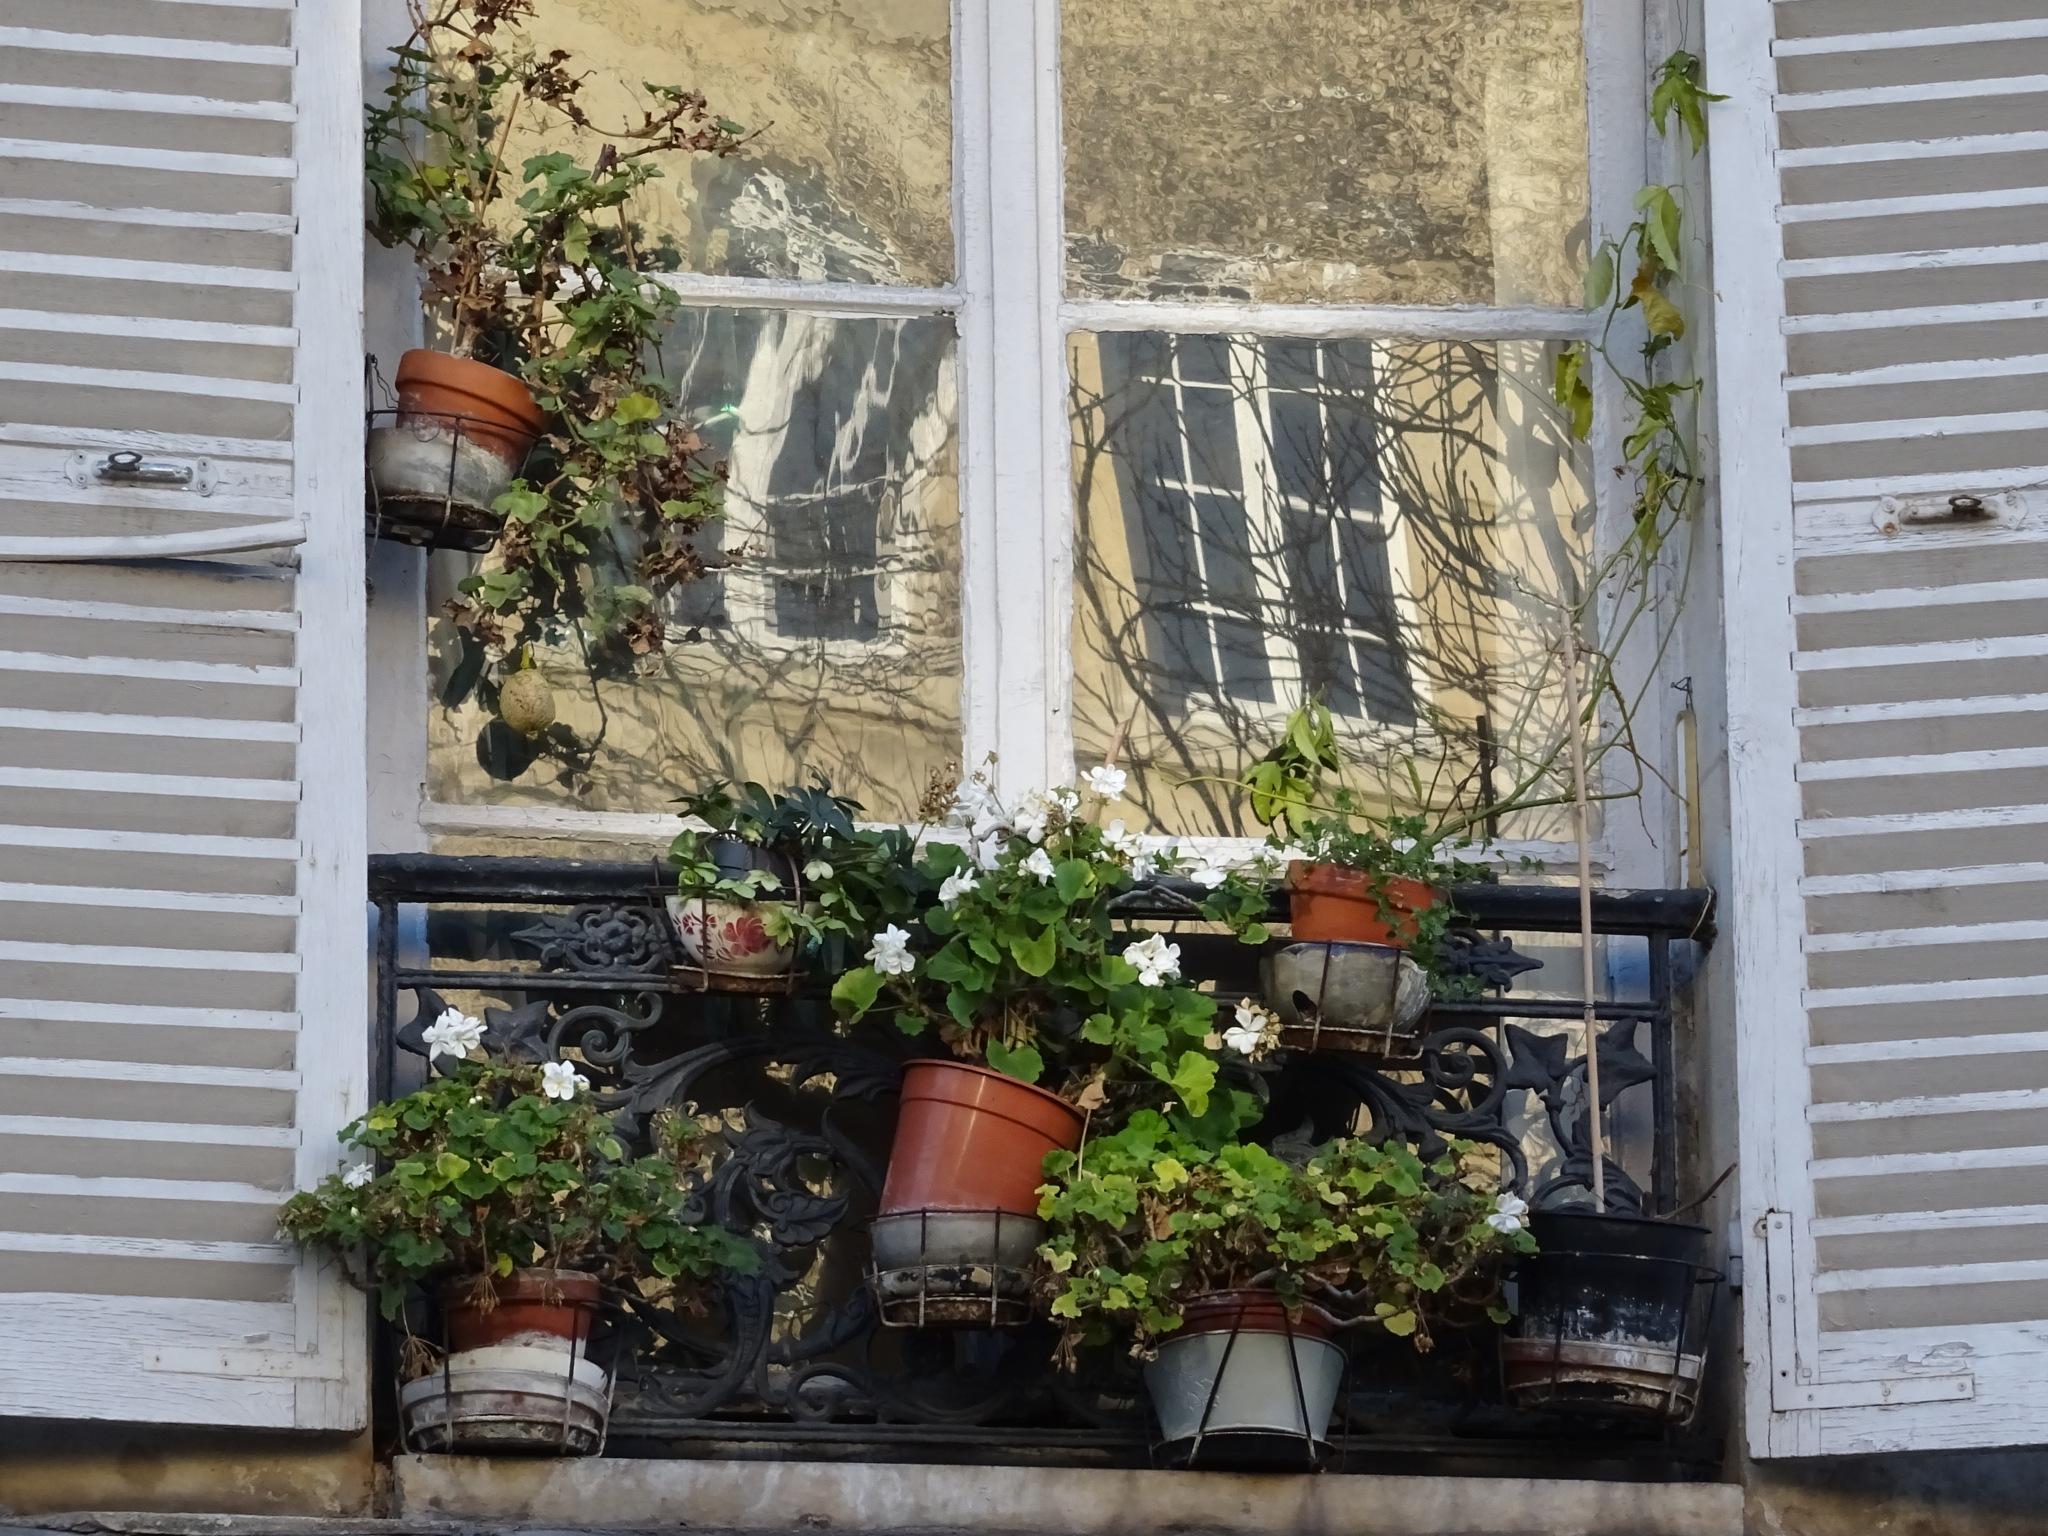 Window & Flowers by Kelisa